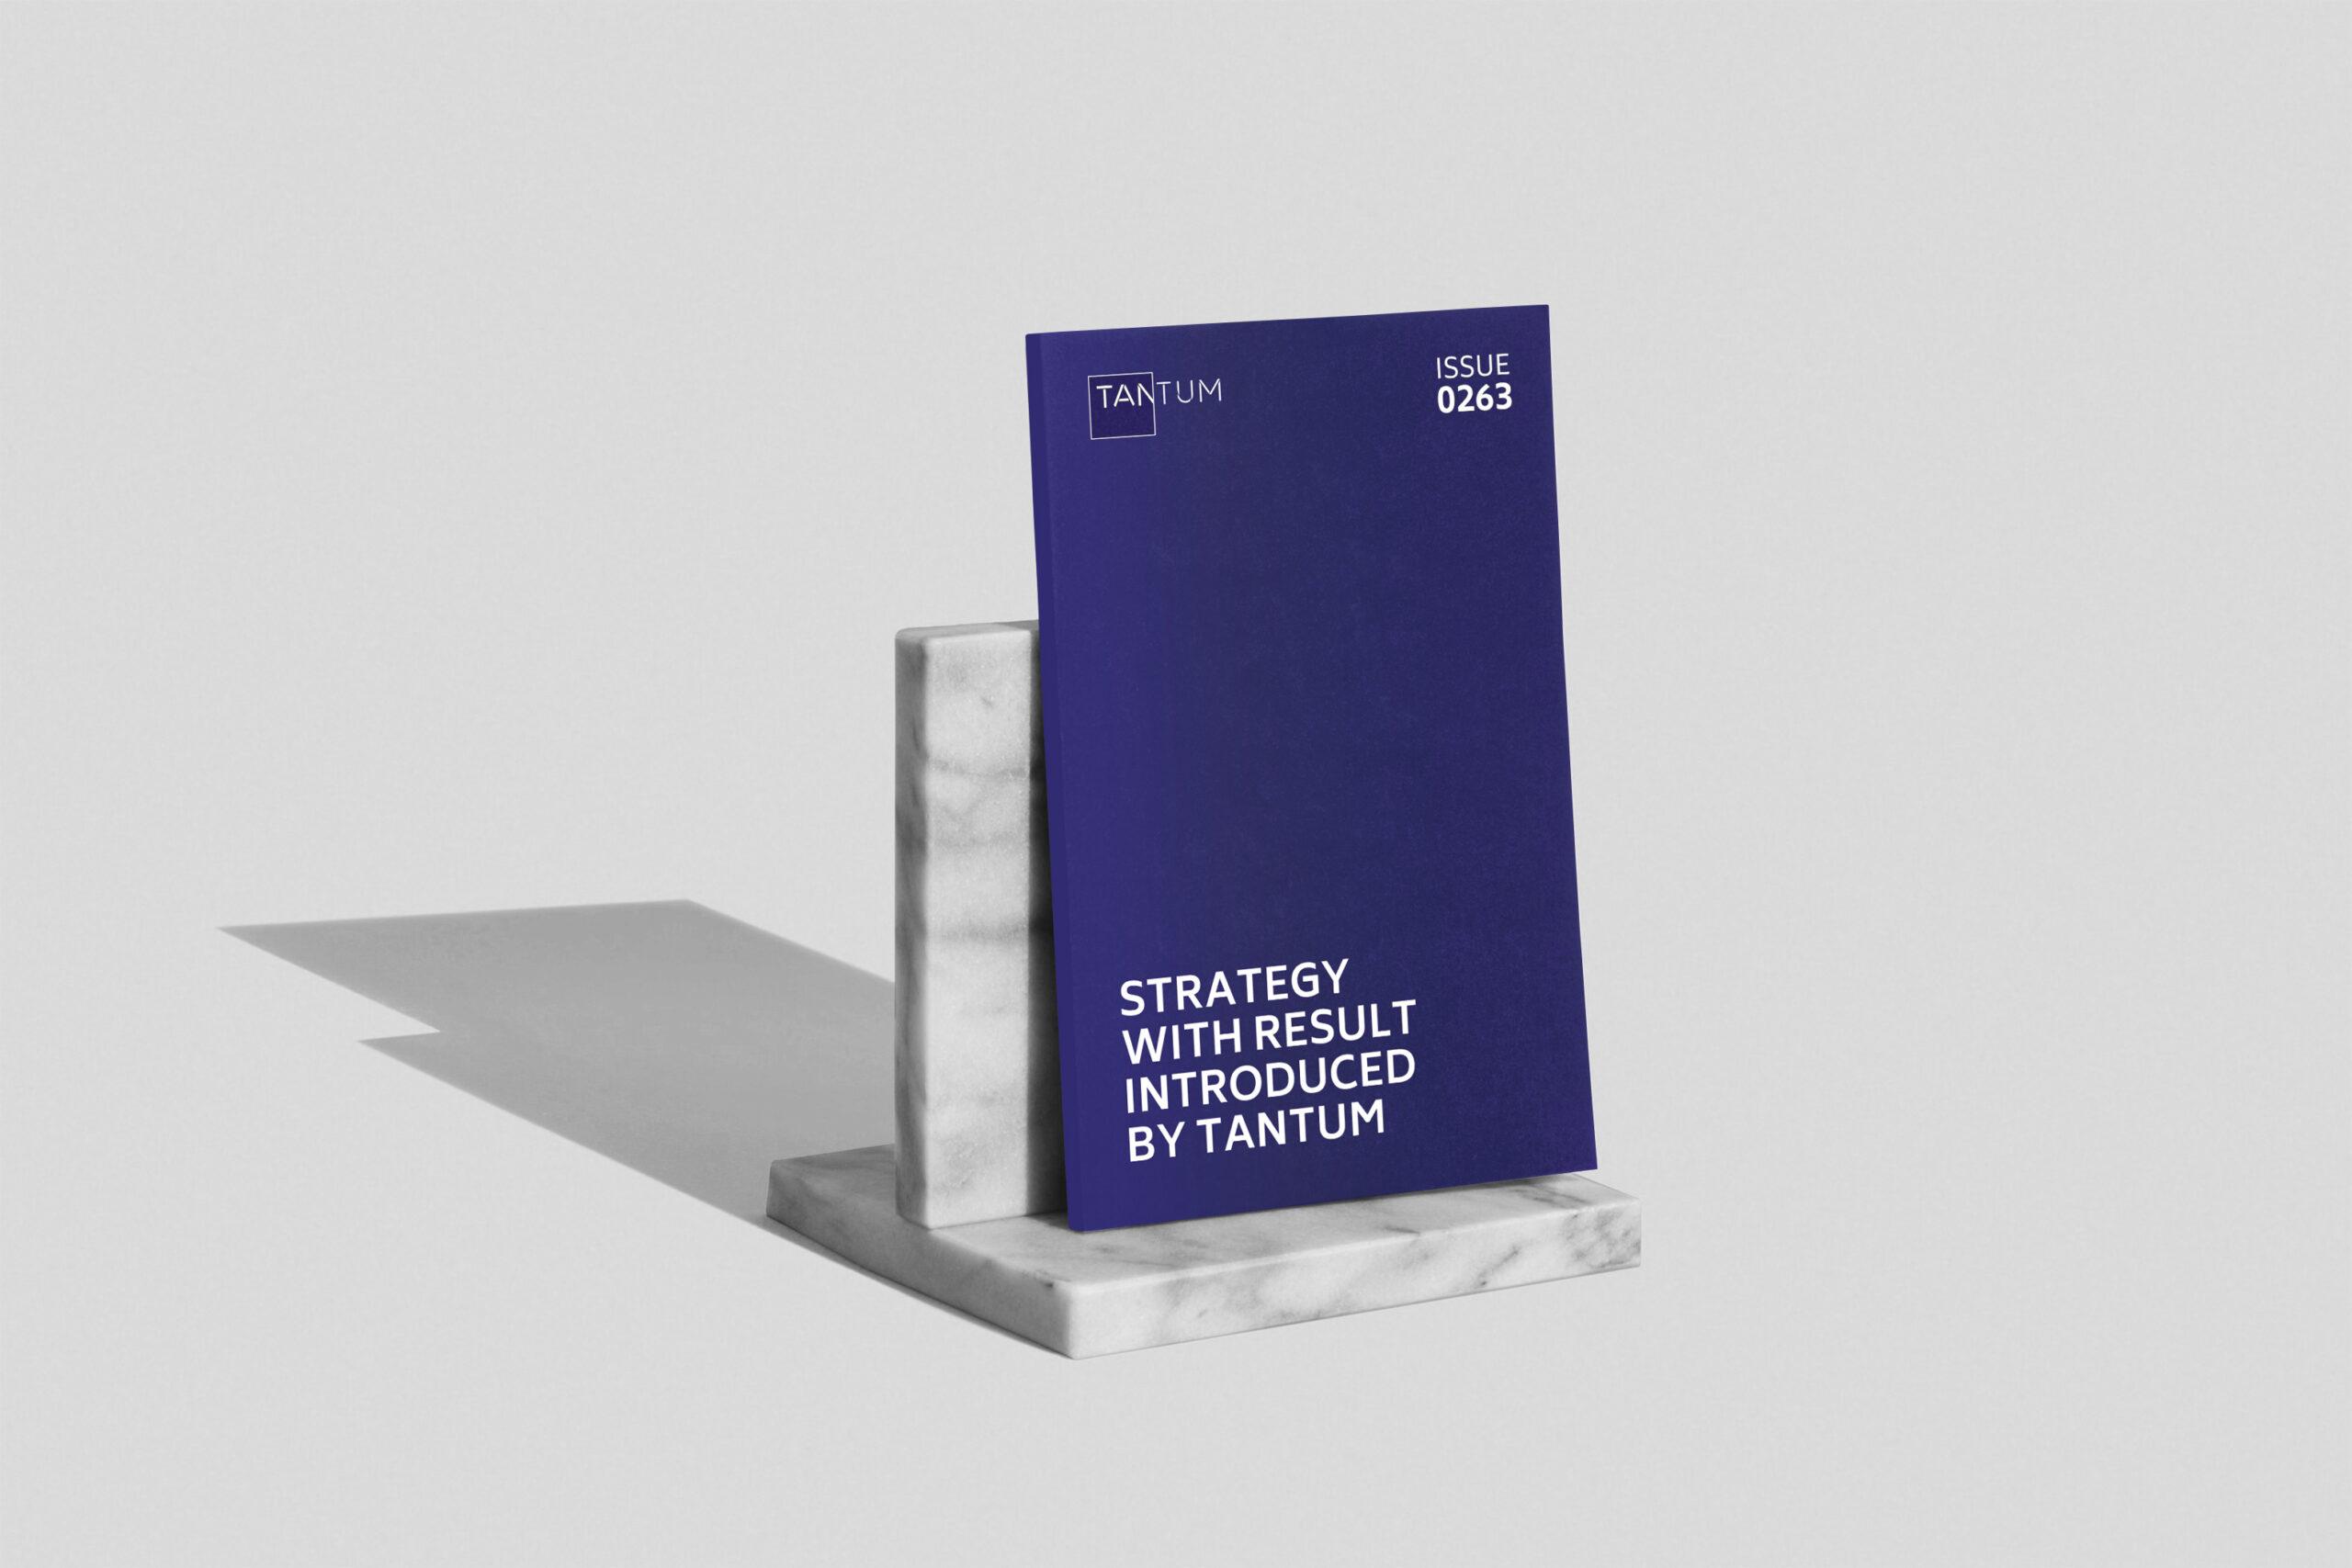 دليل إستراتيجية العلامة التجارية